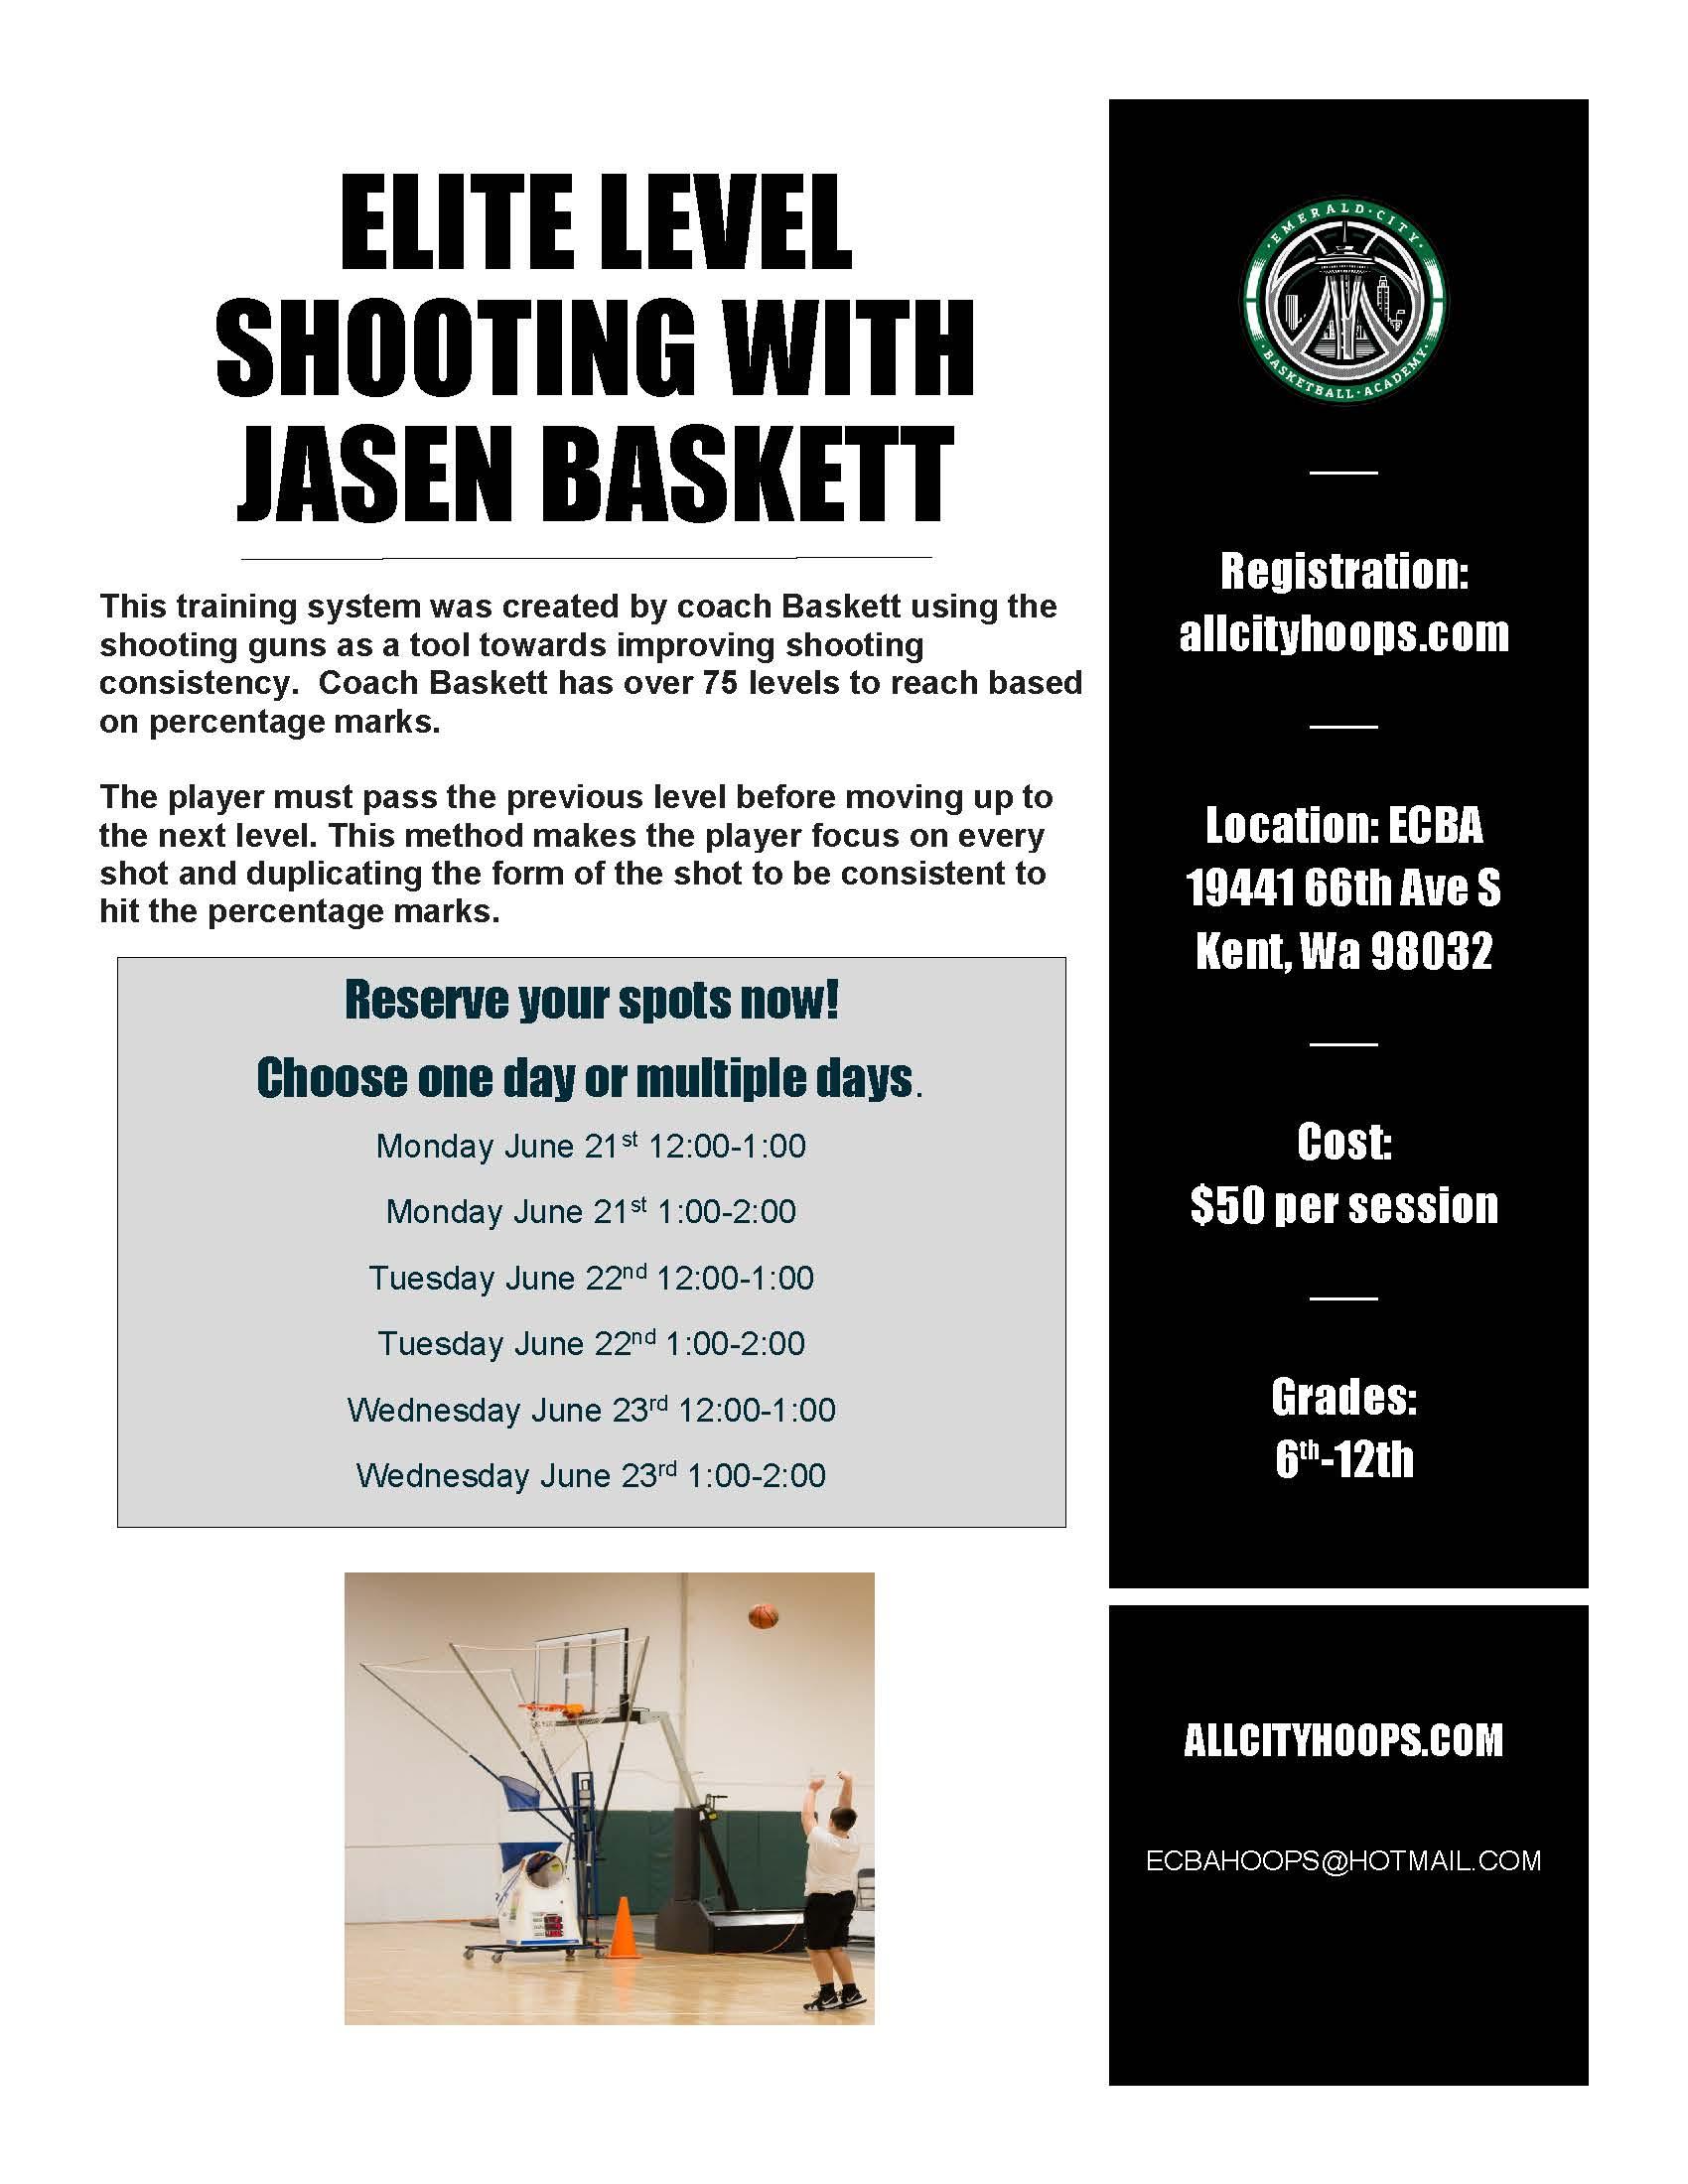 ELITE LEVEL SHOOTING WITH JASEN BASKETT